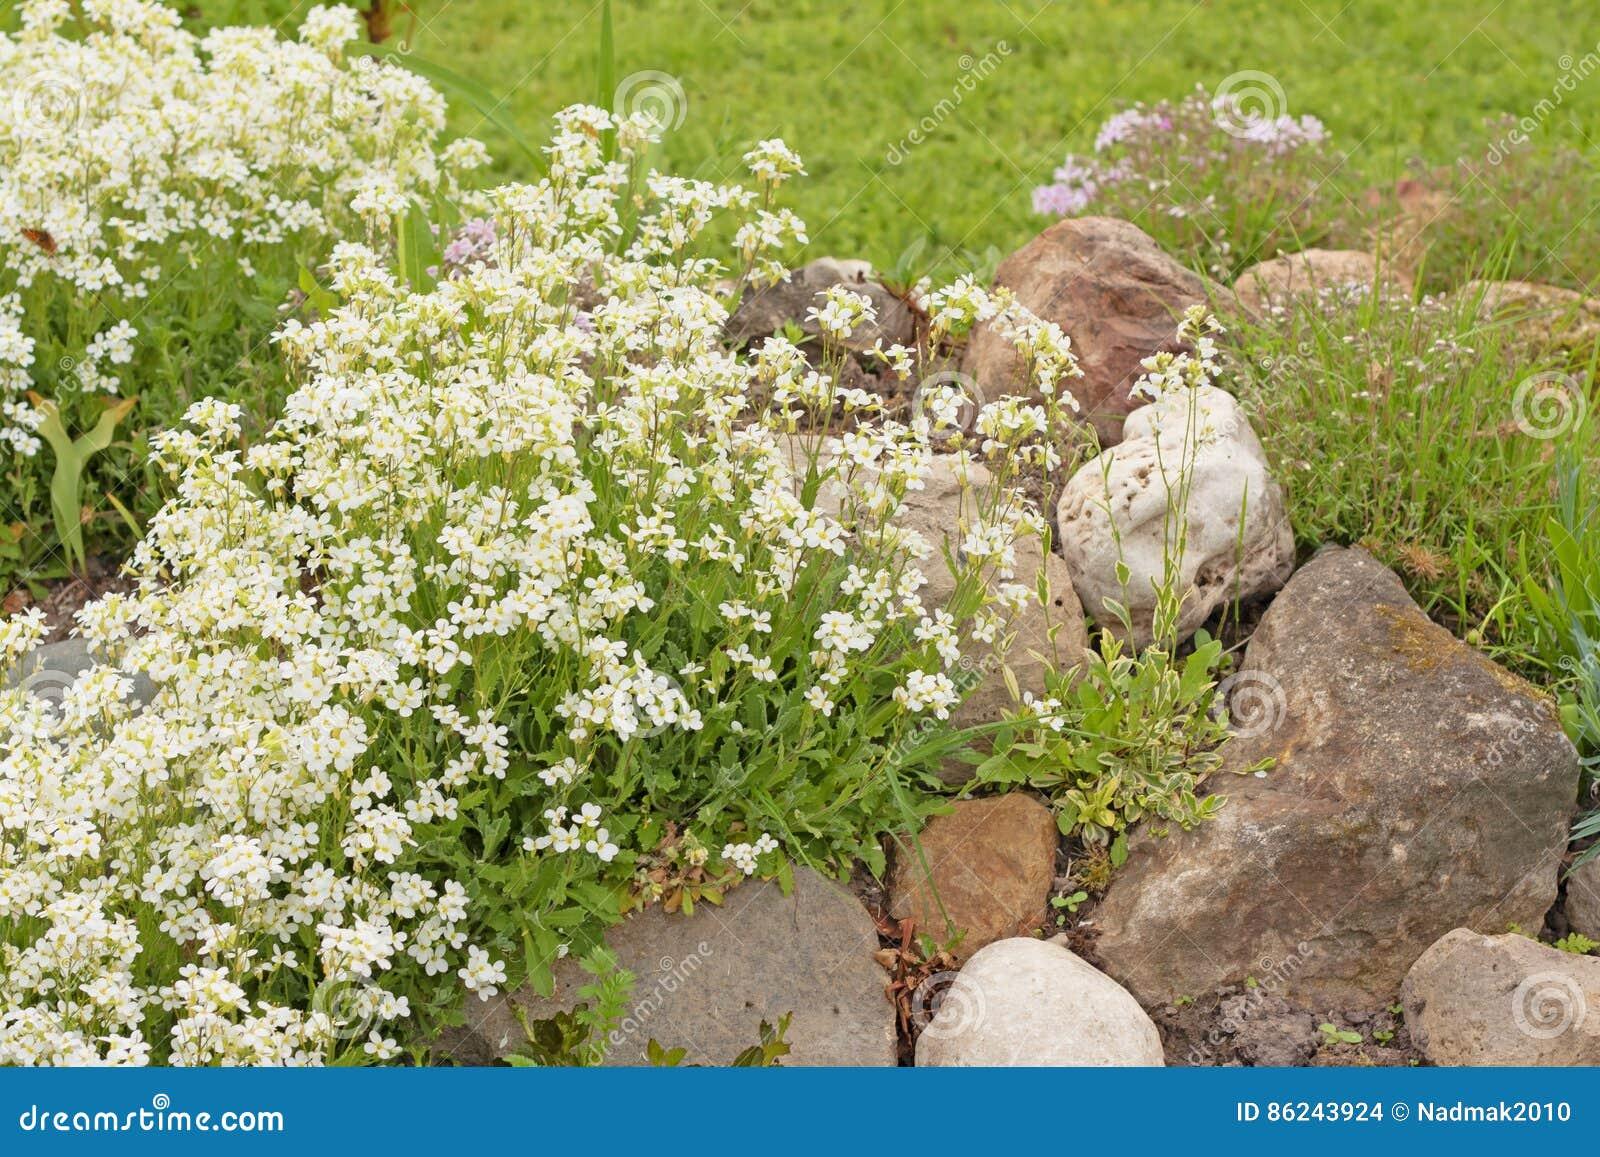 Fiori Da Giardino Roccioso arabis o rockcress dei fiori bianchi su una collina rocciosa